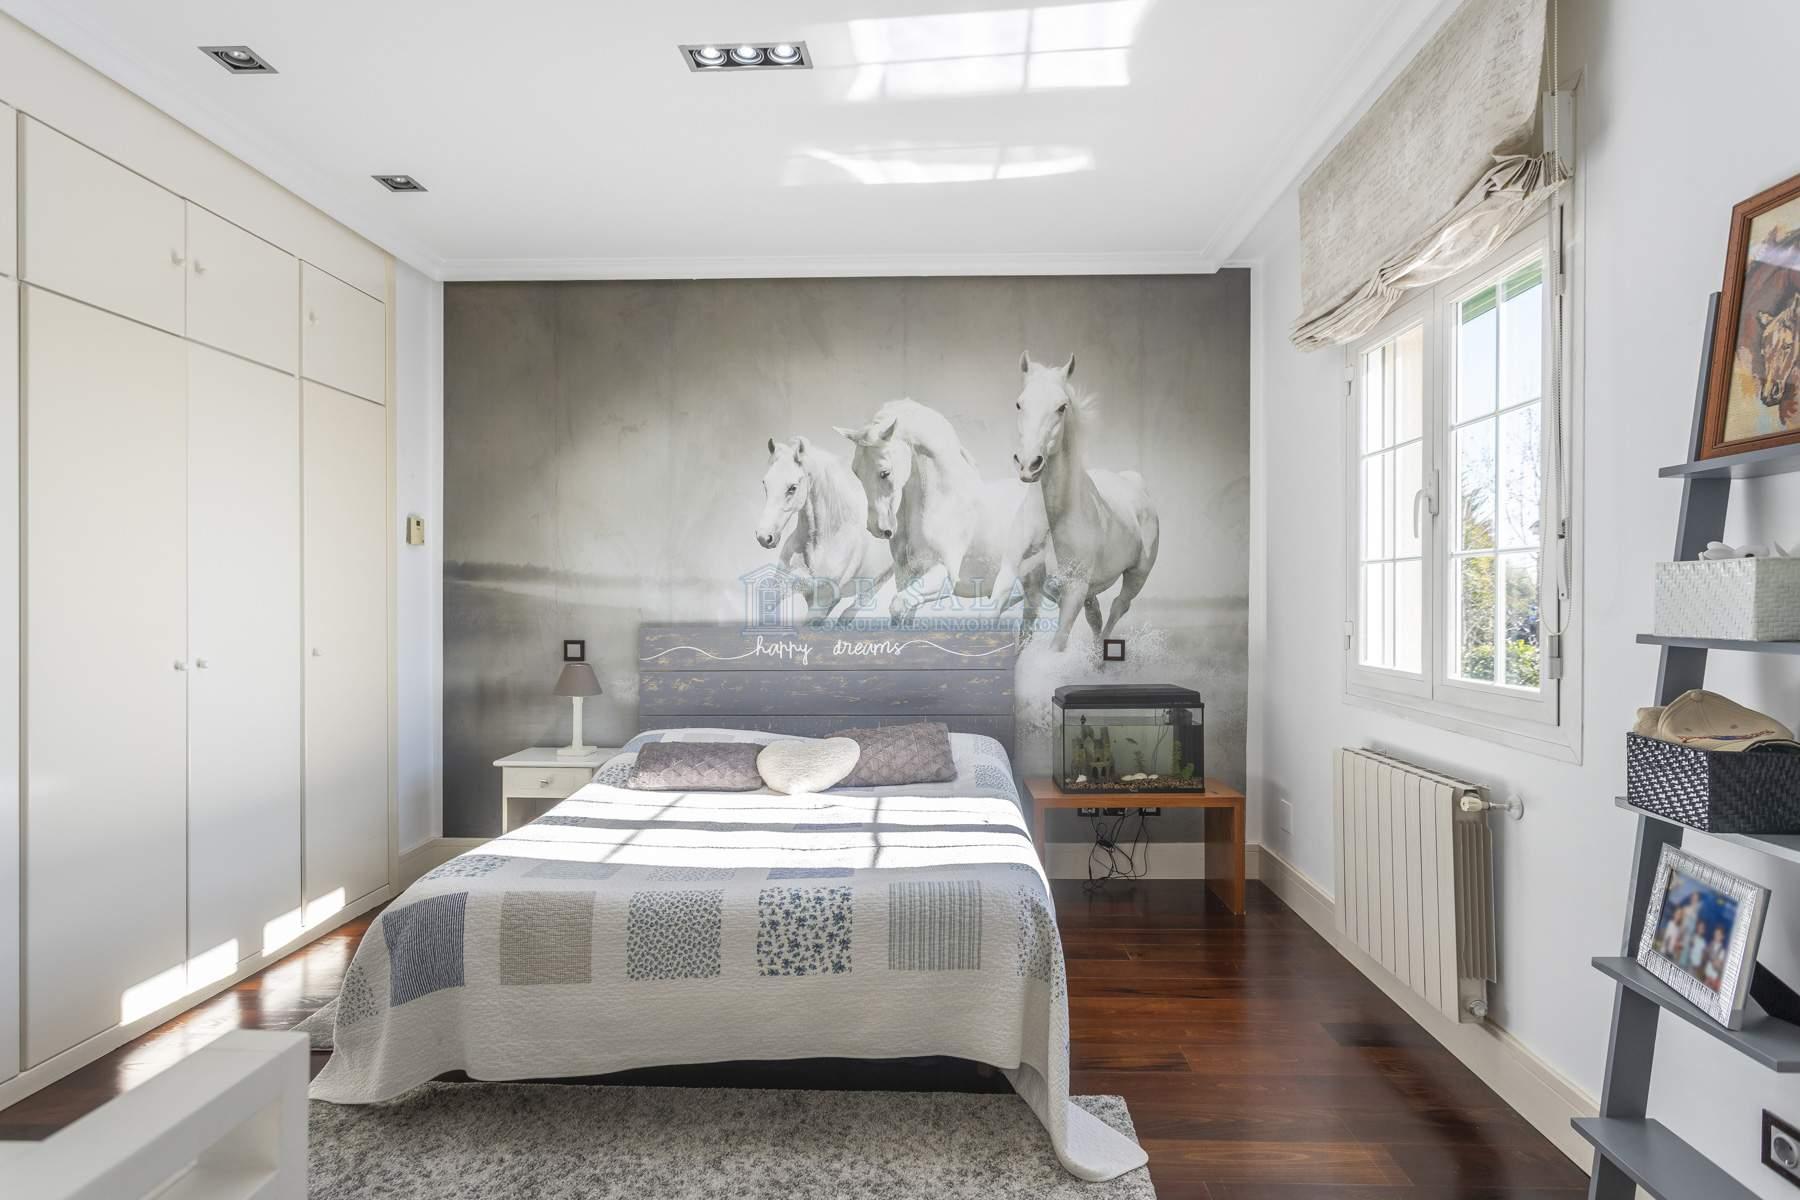 Dormitorio-19 Chalet El Encinar de los Reyes